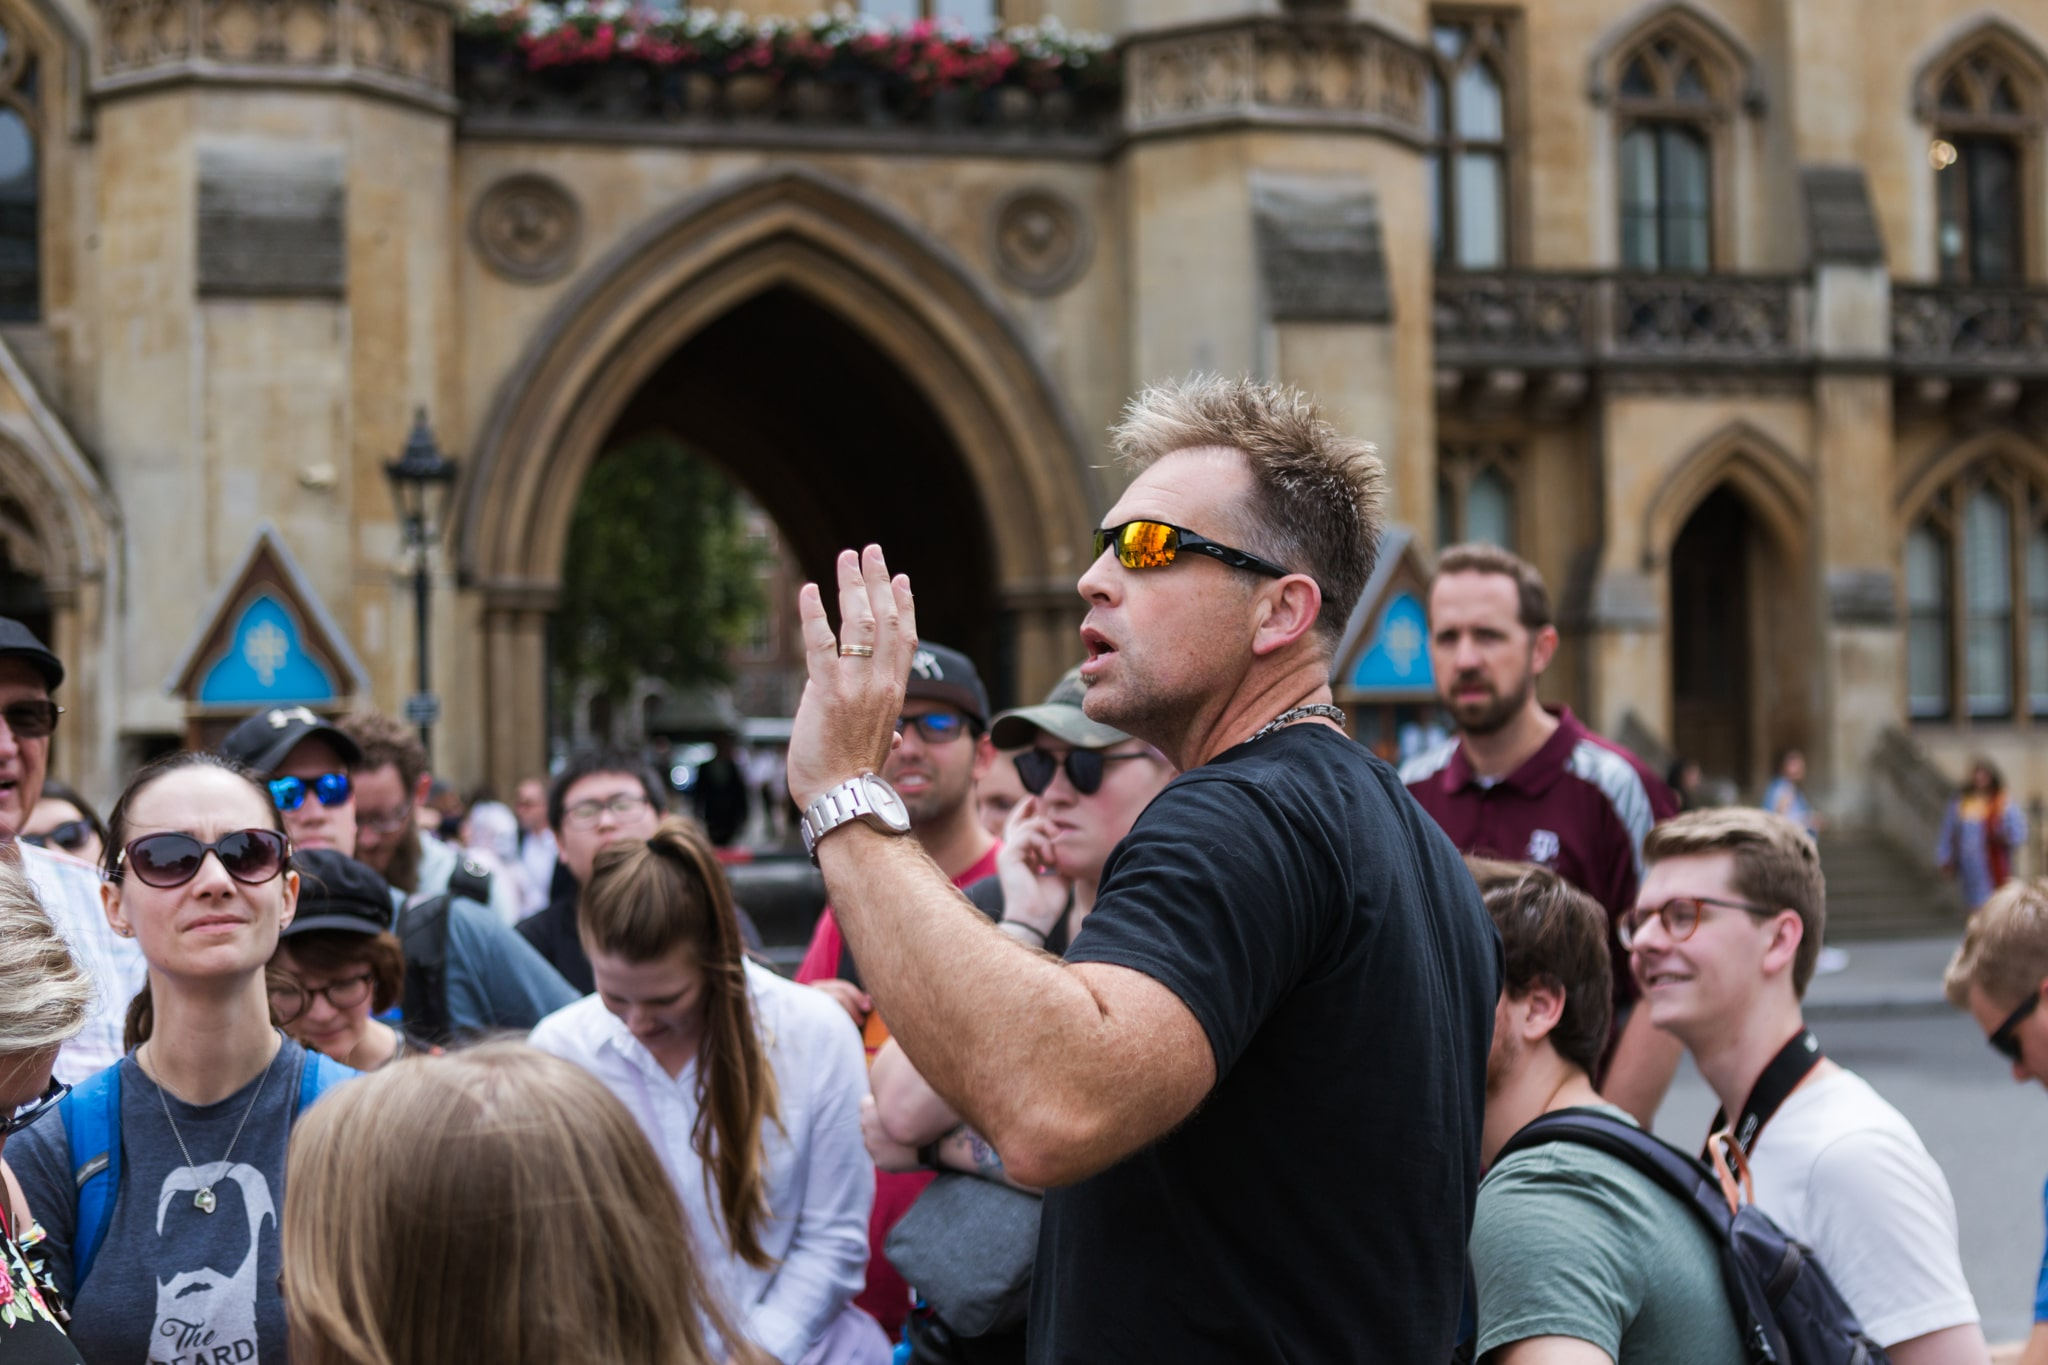 Dr. Stephen Eccher on the Oxford Study Tour